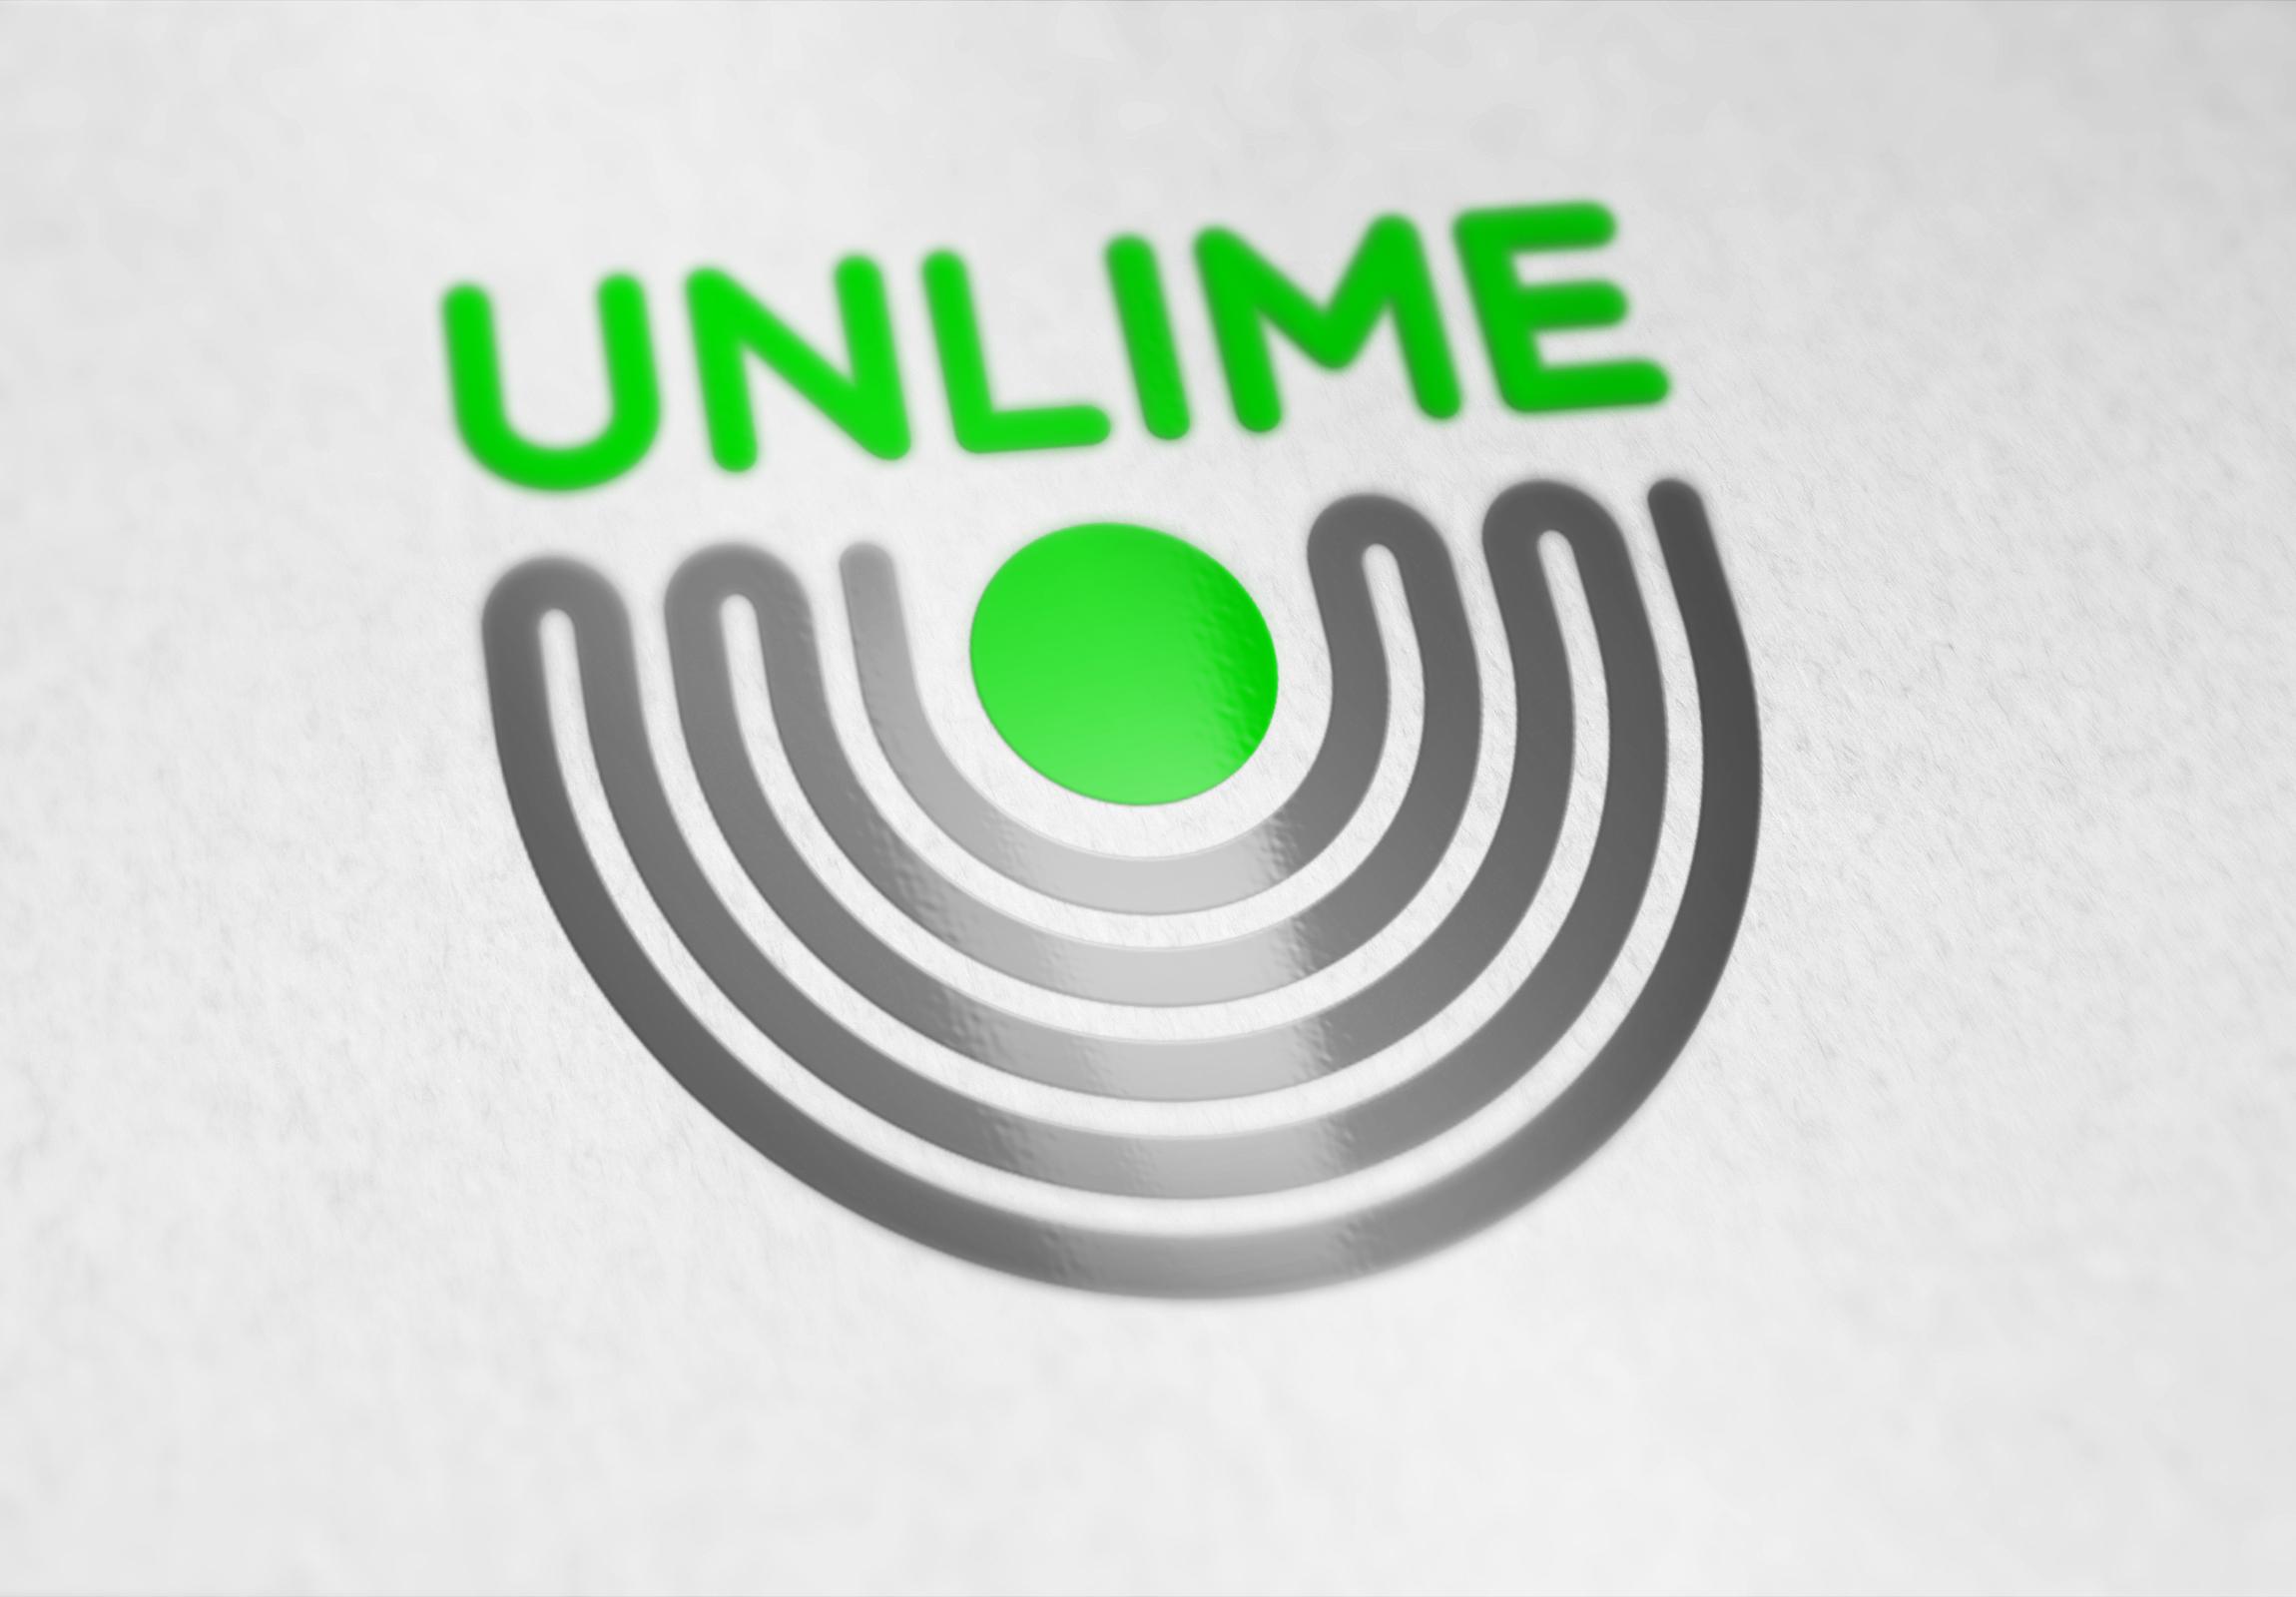 Разработка логотипа и фирменного стиля фото f_304594eb997648e2.jpg